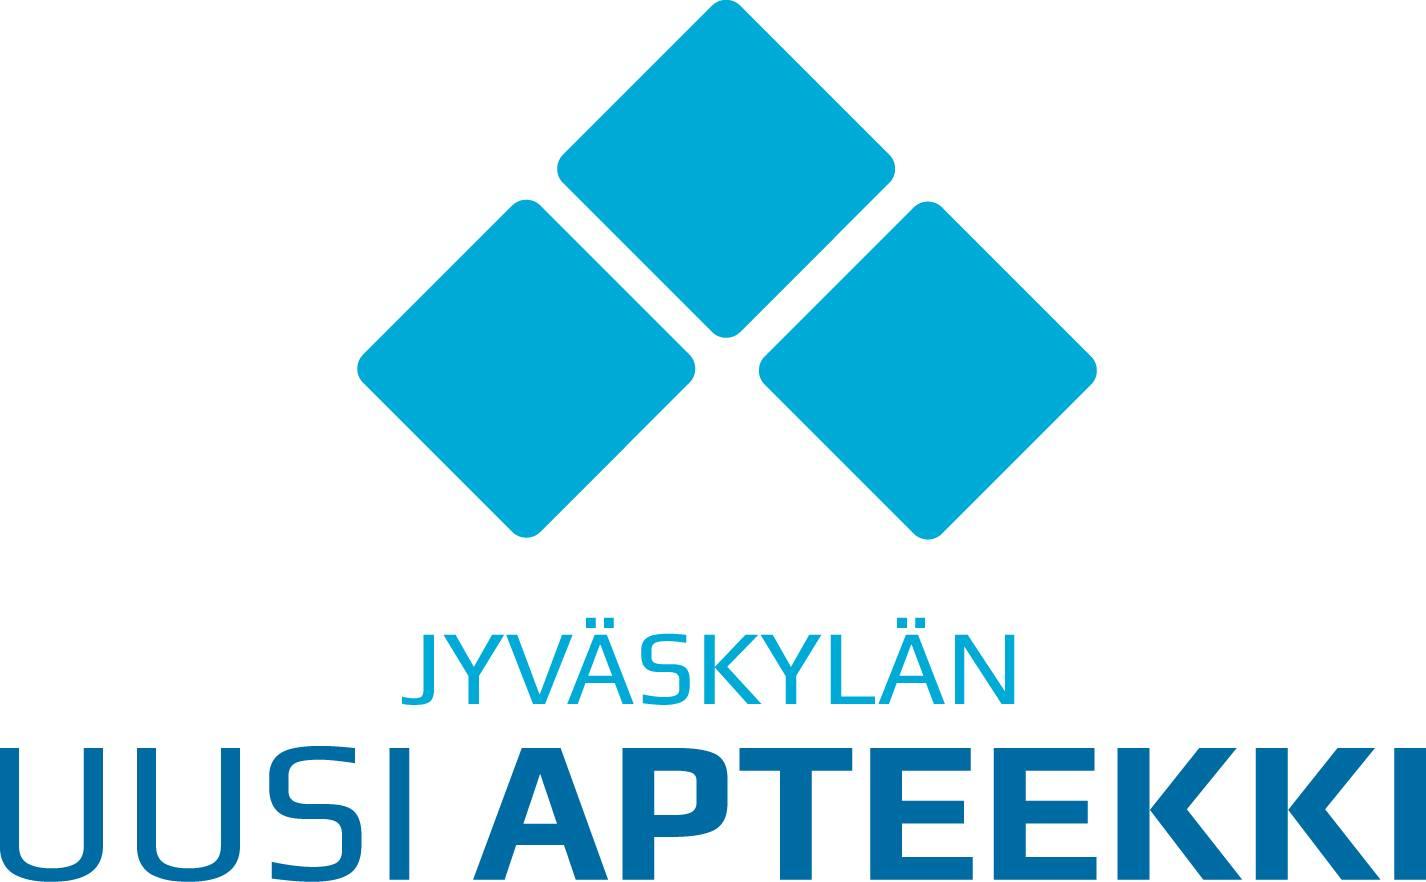 Jyväskylän Uusiapteekki